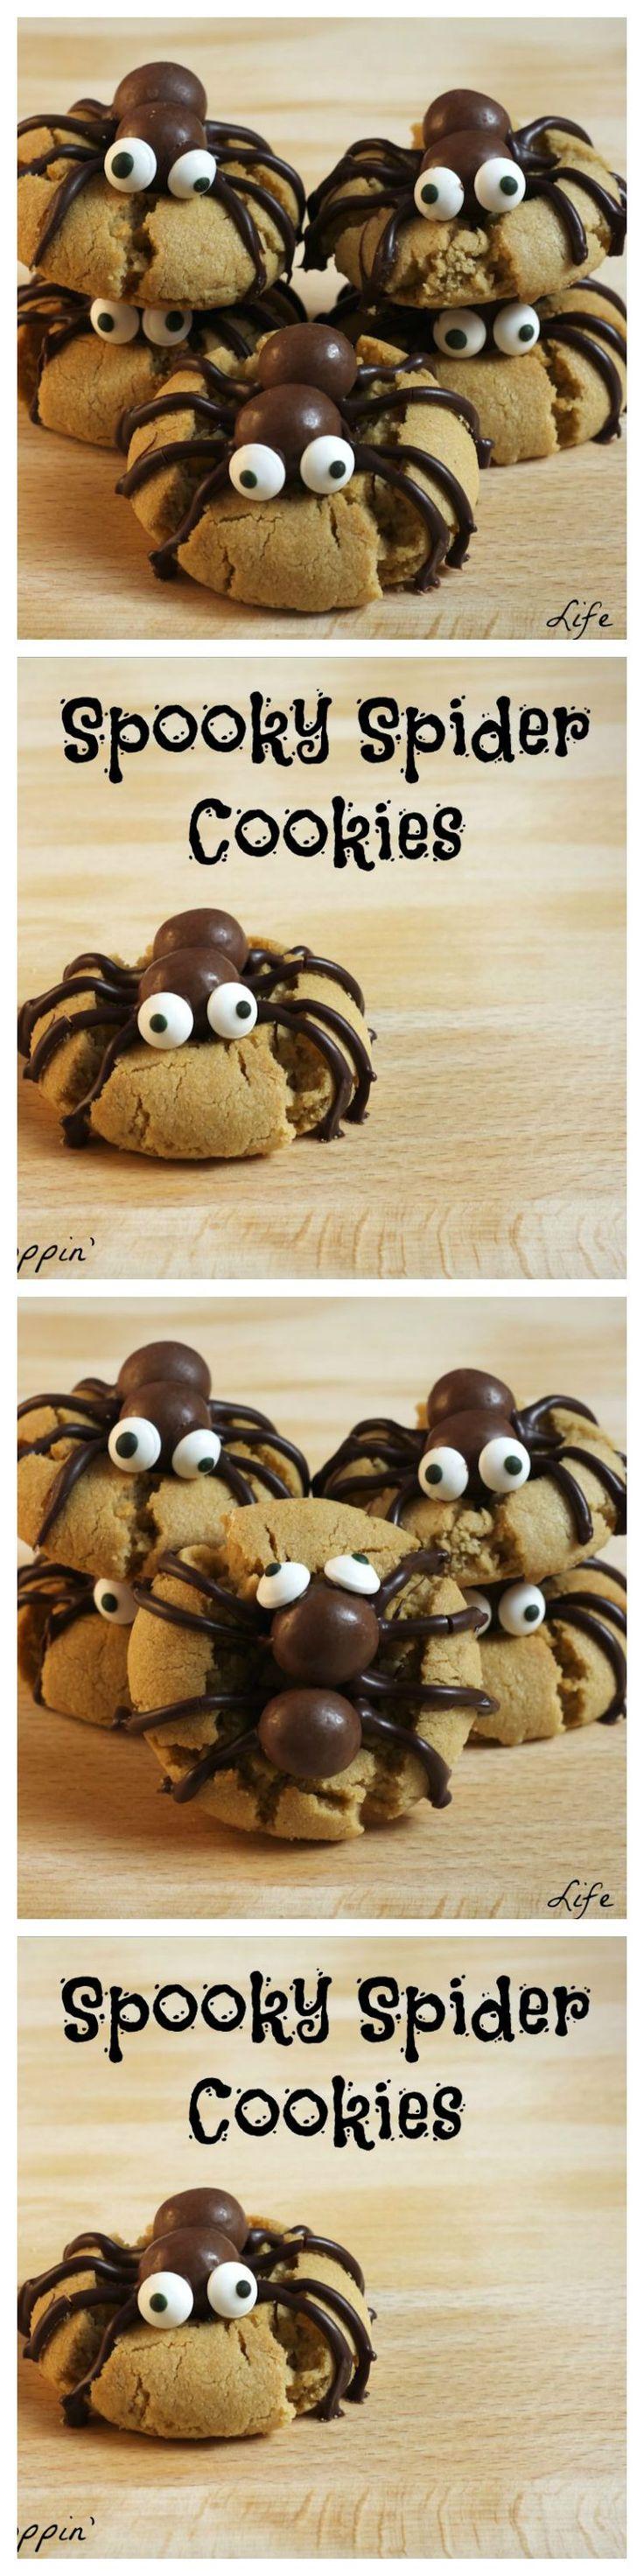 Spooky Spider Cookies, araignée à croquer